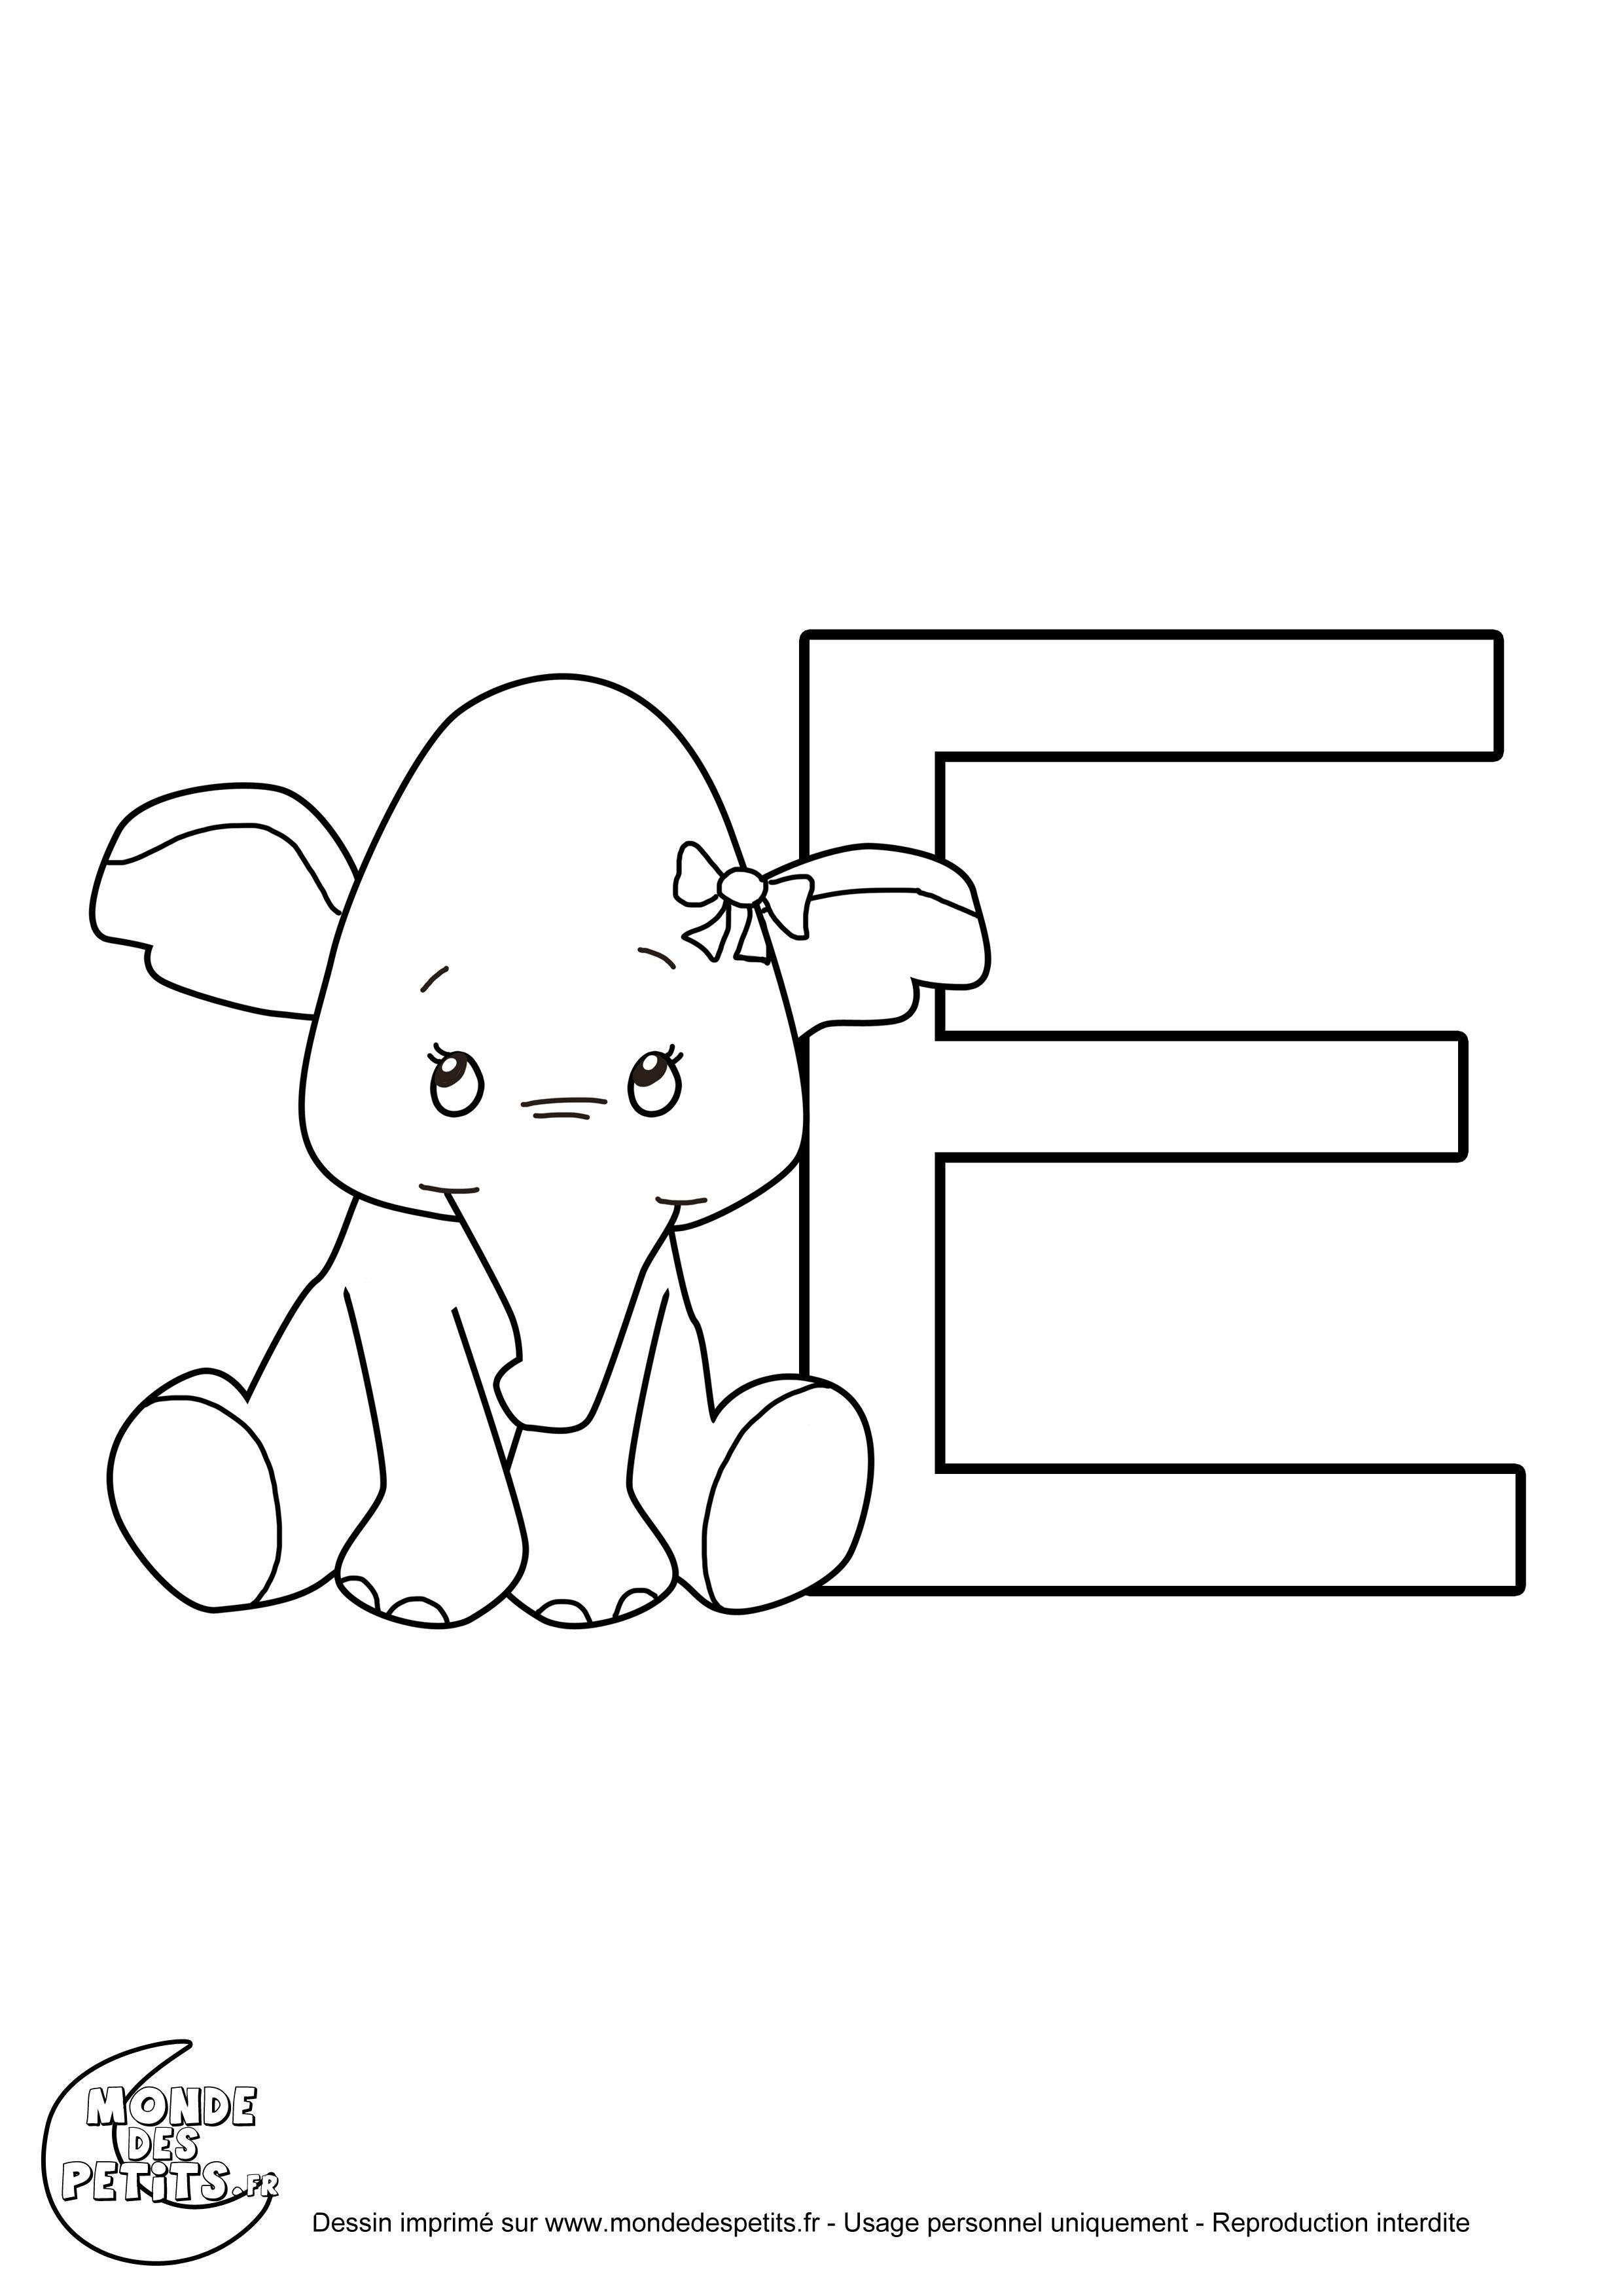 R sultat de recherche d 39 images pour imprimer grandes lettres n colorier monde des petits - Alphabet a colorier et imprimer ...